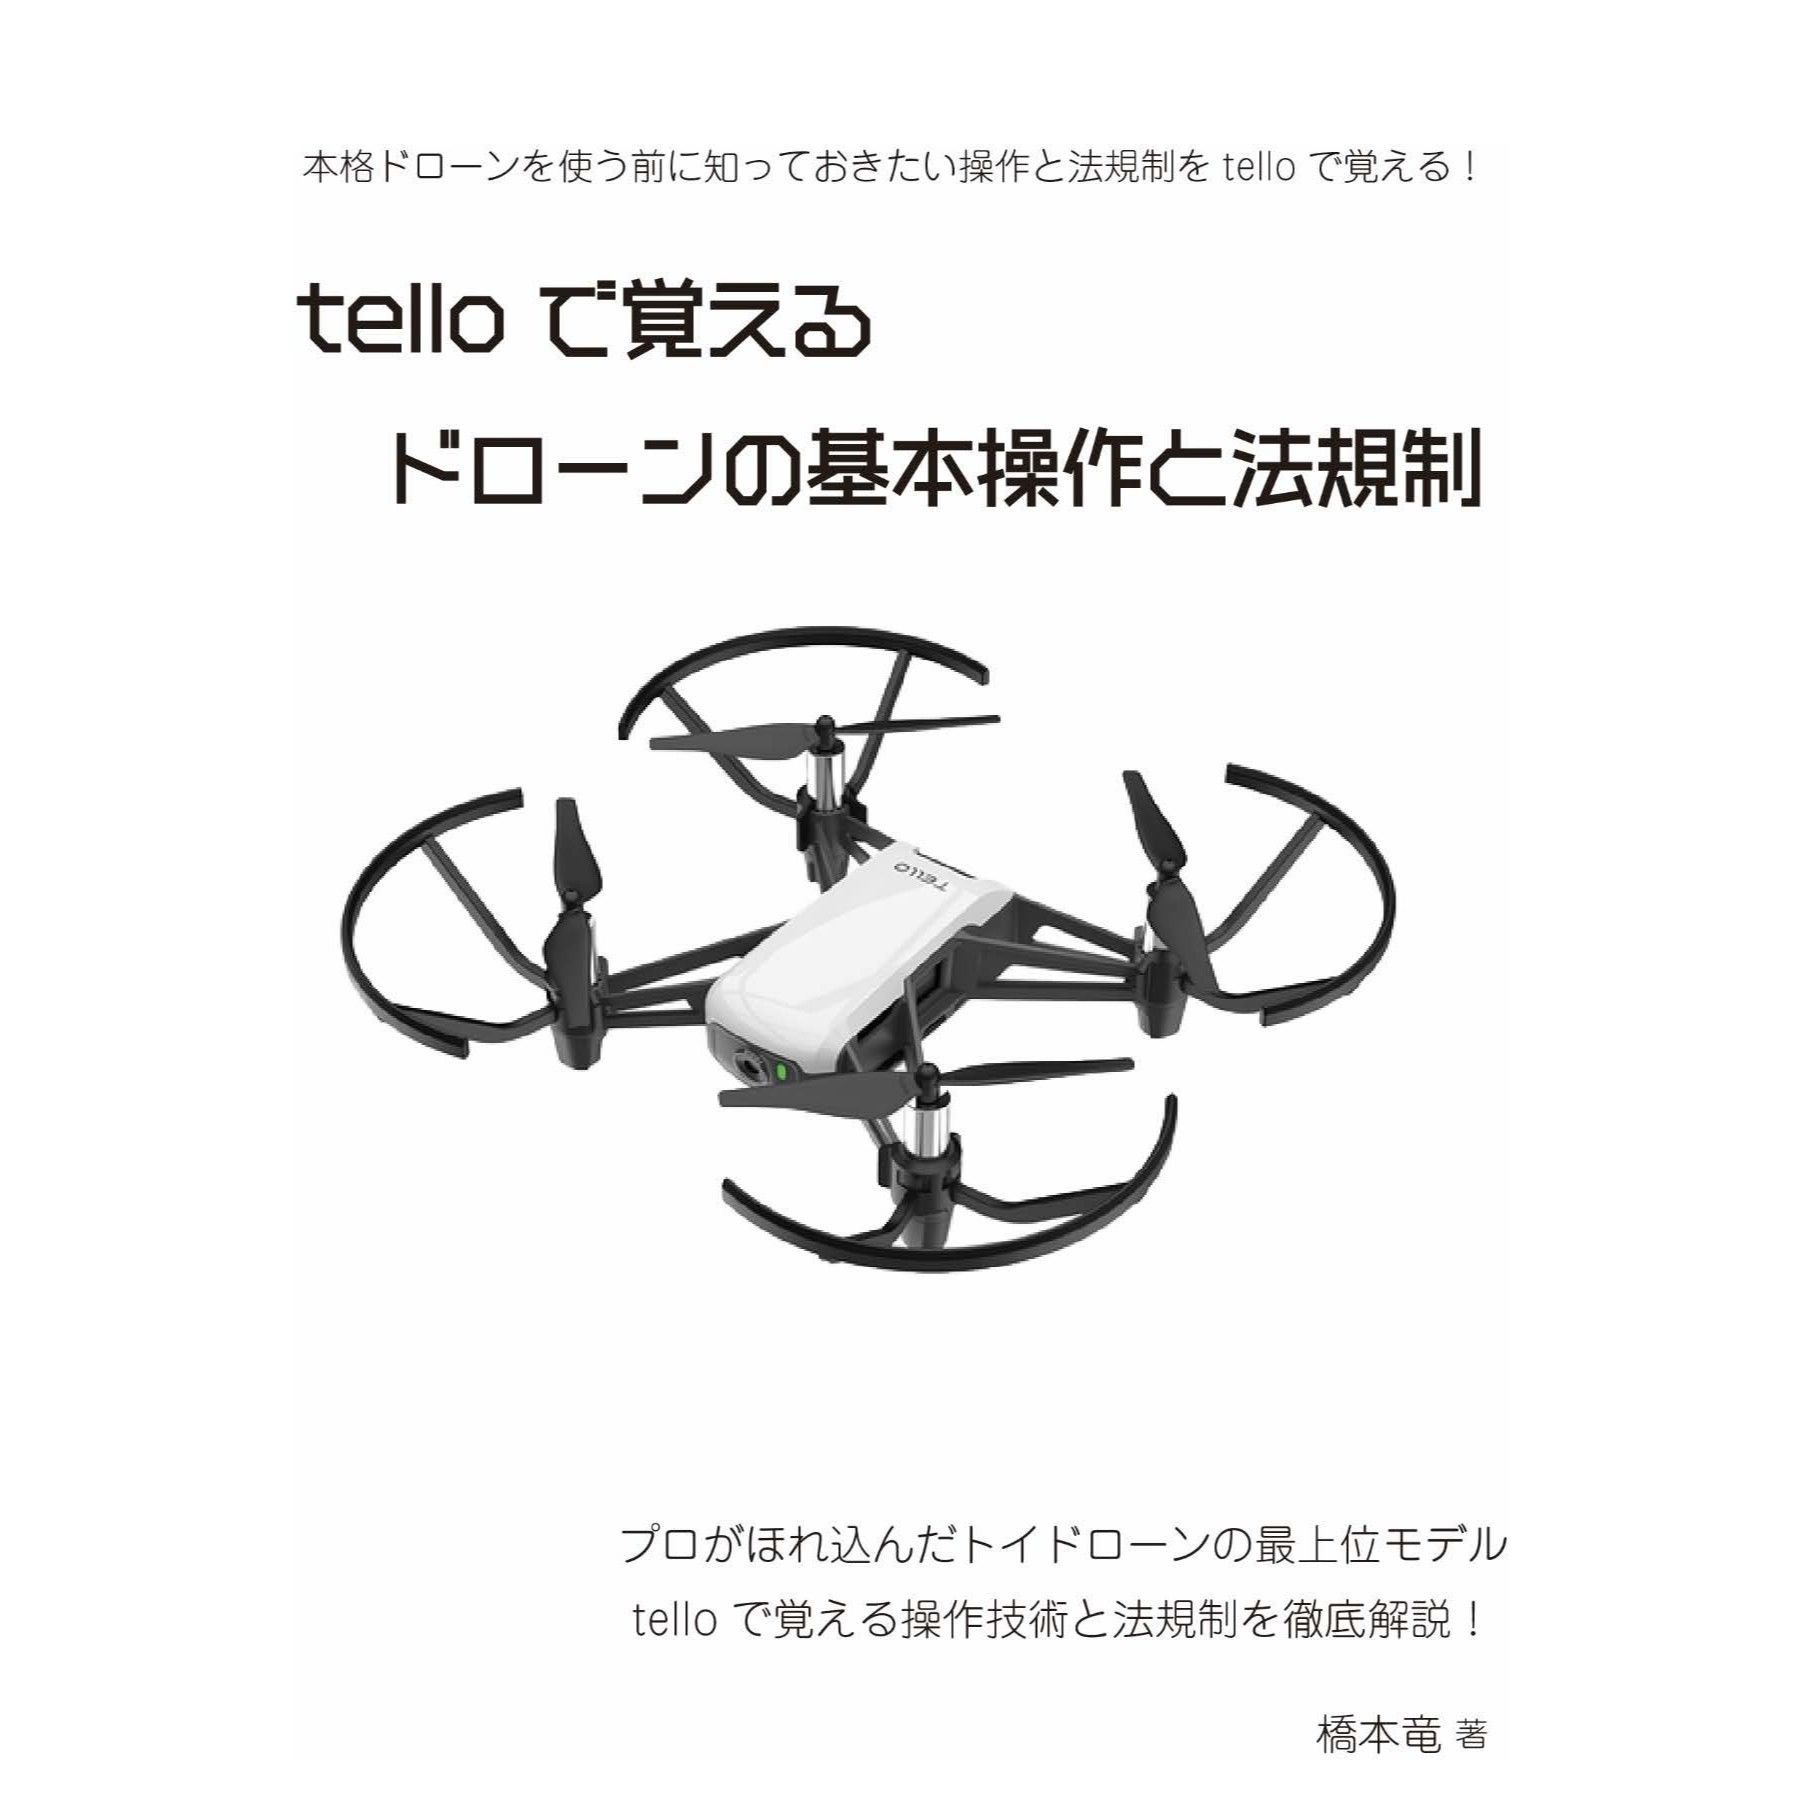 ドローン基礎講座 6月8日(金)渋谷会場 午後3時~【tello無し】telloで覚えるドローン操作と法規制